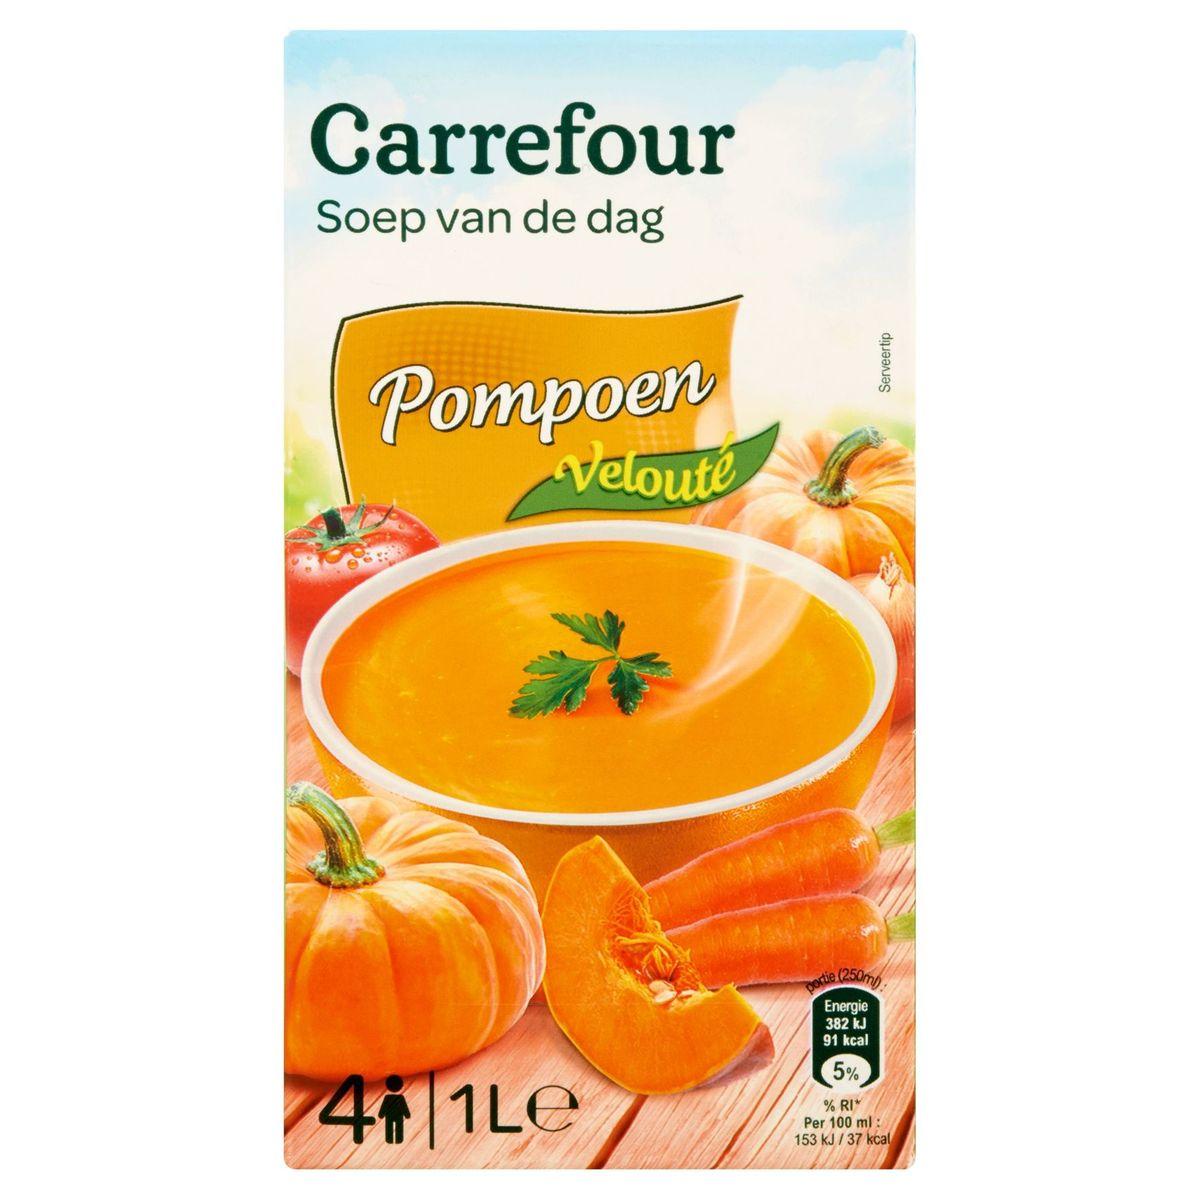 Carrefour Soep van de Dag Pompoen Velouté 1 L